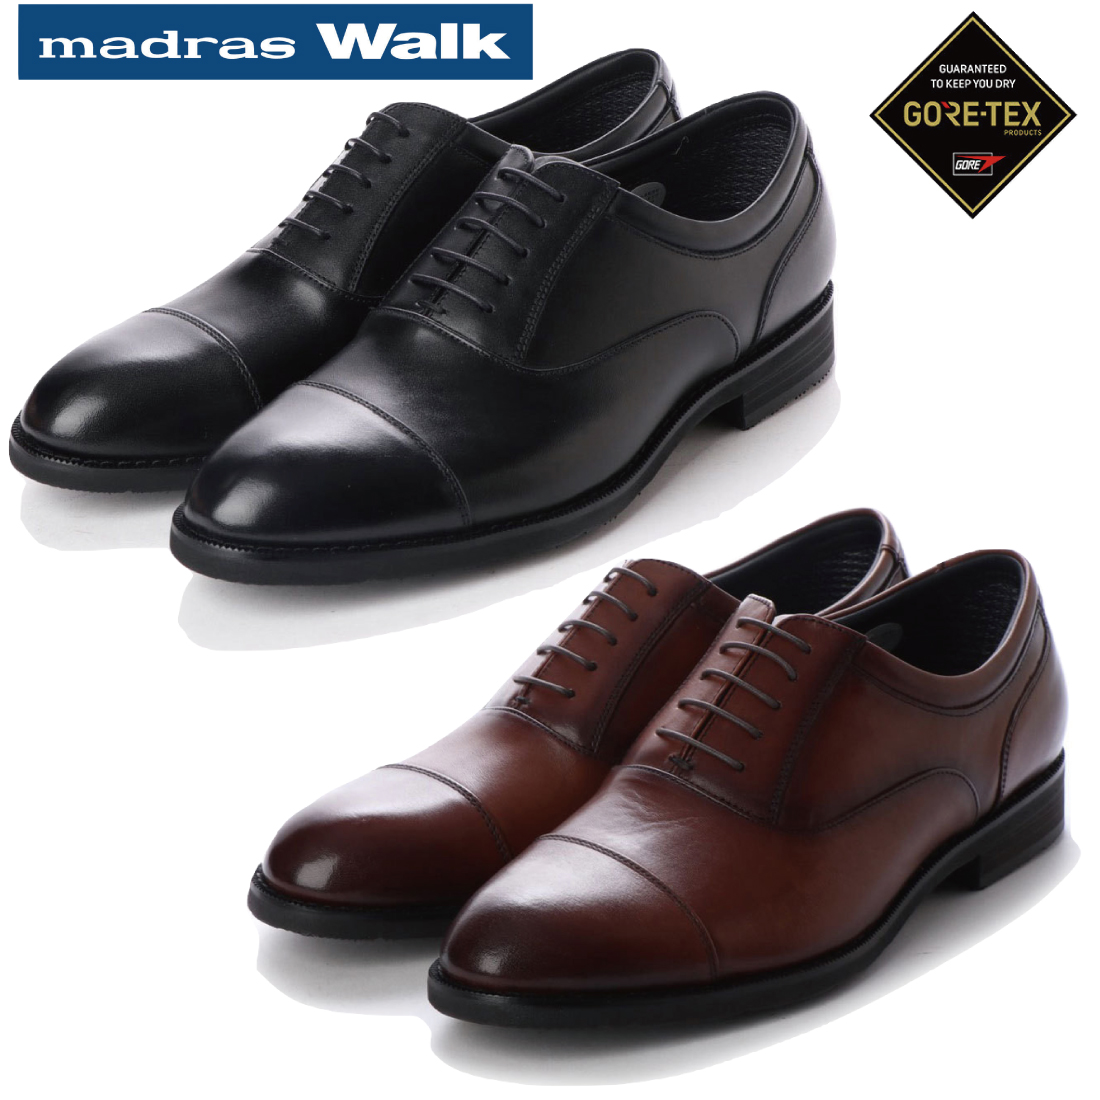 madras Walk マドラス ストレートチップ ビジネス シューズ ゴアテックス MW5904 【nesh】 【新品】